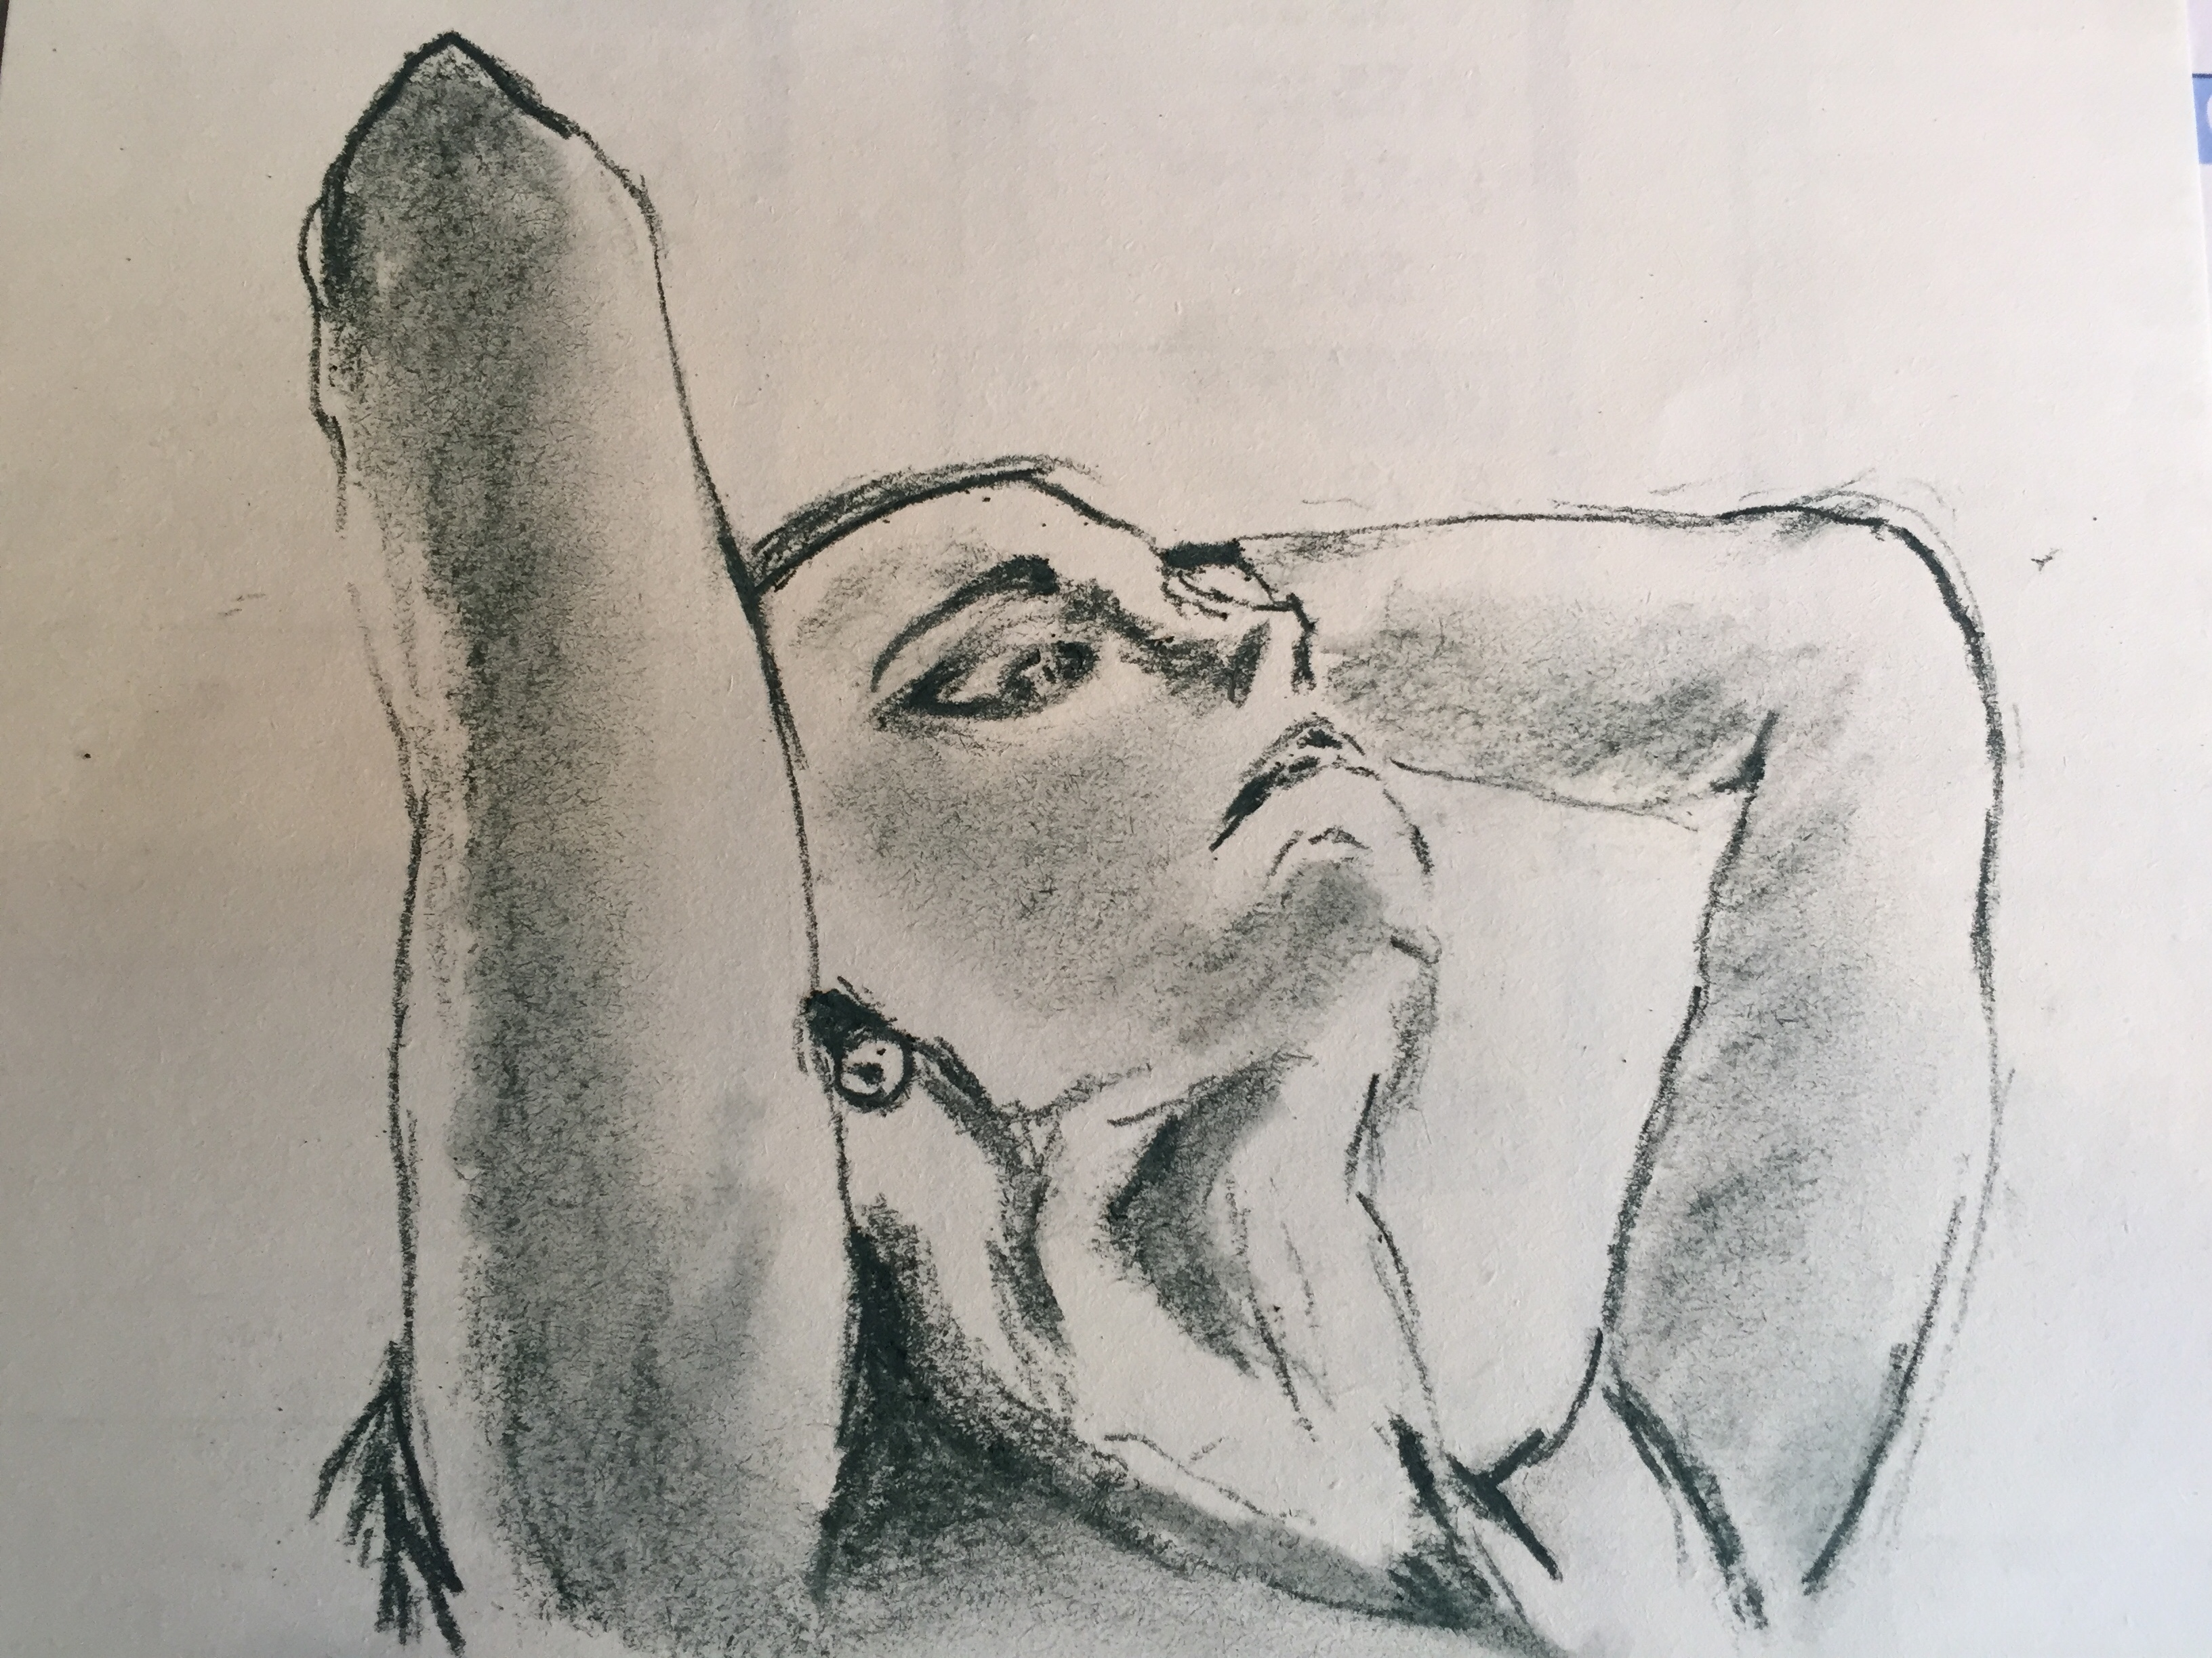 Portrait fusain estompe esquisse sur papier  cours de dessin